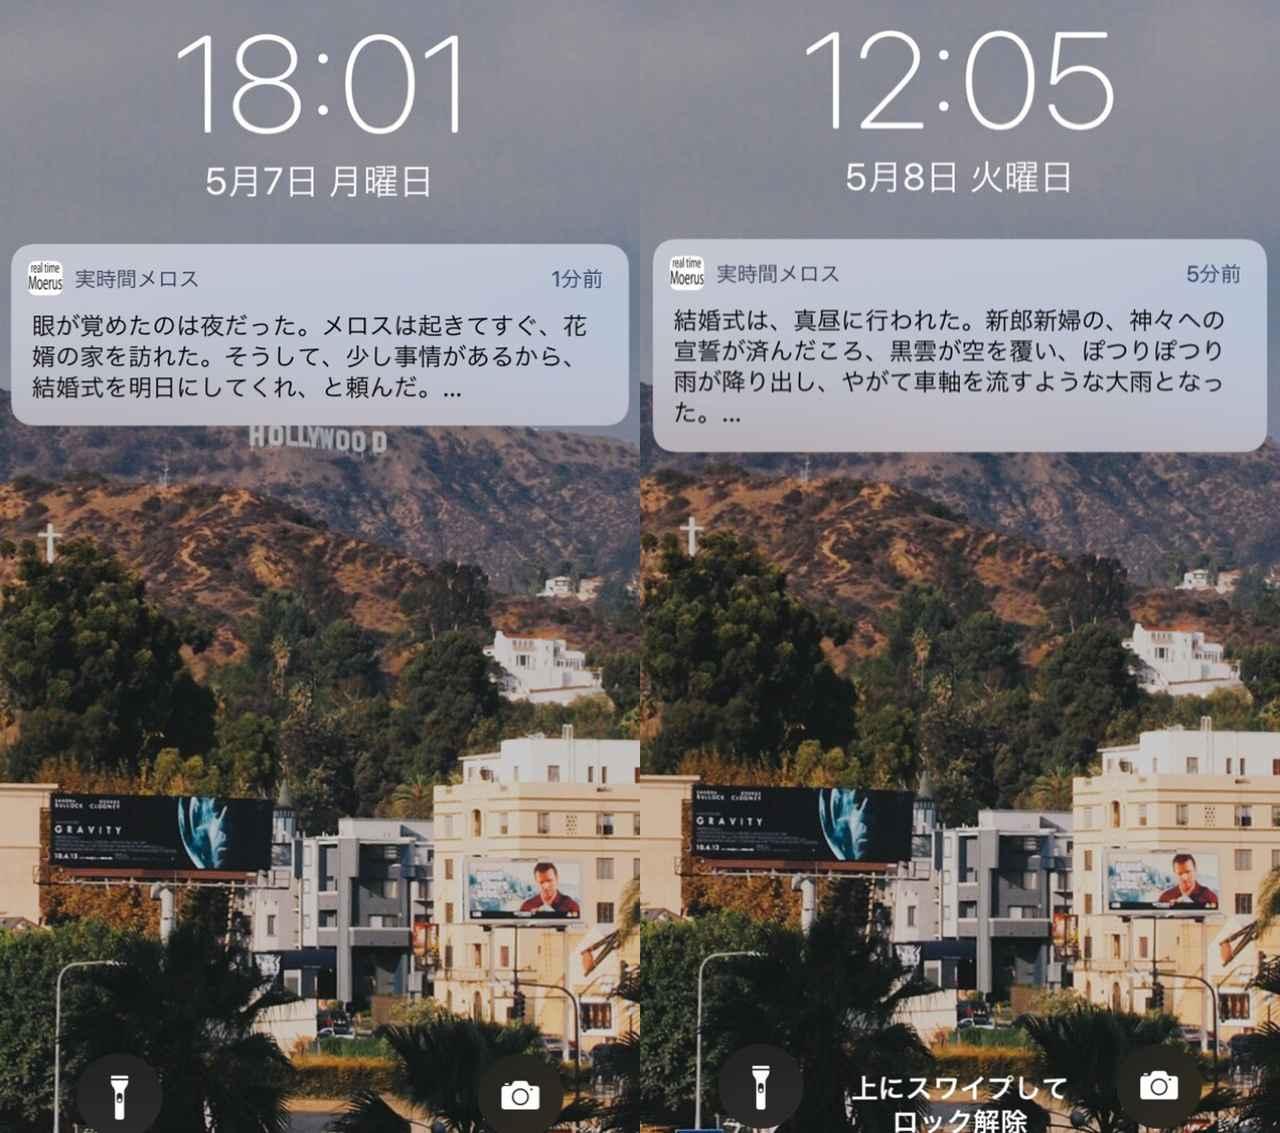 画像3: リアルタイムで通知が来てその先が読めるようになります。